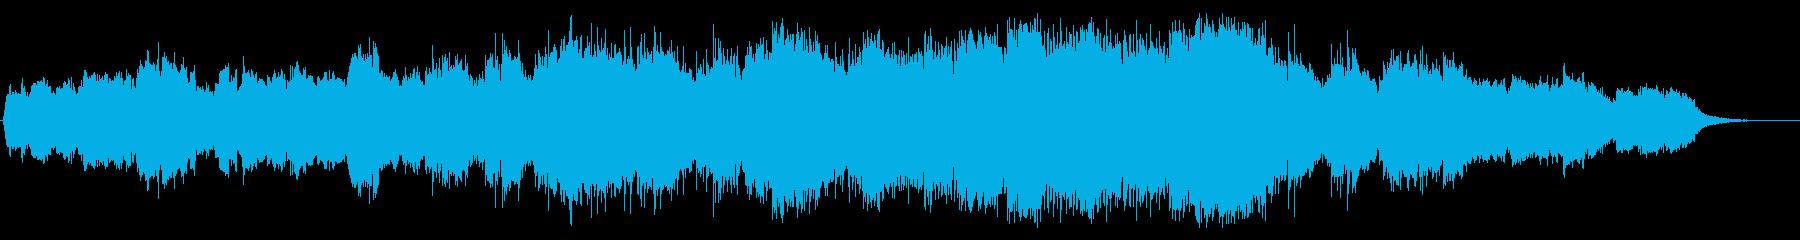 叙情的なピアノとストリングスのBGMの再生済みの波形